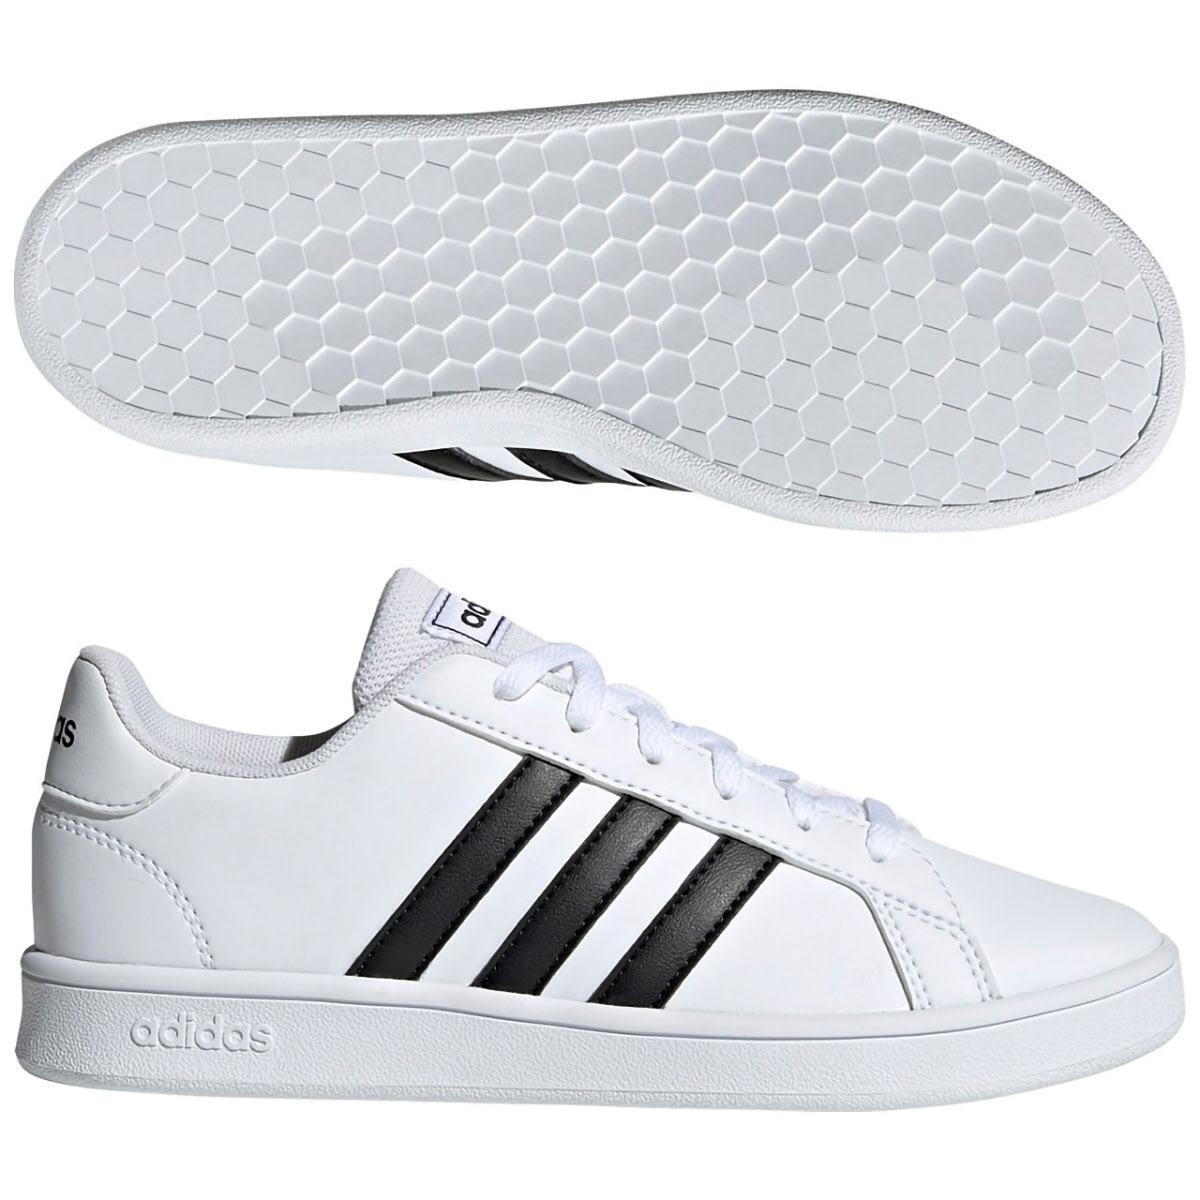 アディダス (adidas) ジュニア GRANDCOURT(ランニングホワイト×コアブラック×ランニングホワイト) EF0103 [分類:キッズ・子供靴 スニーカー]